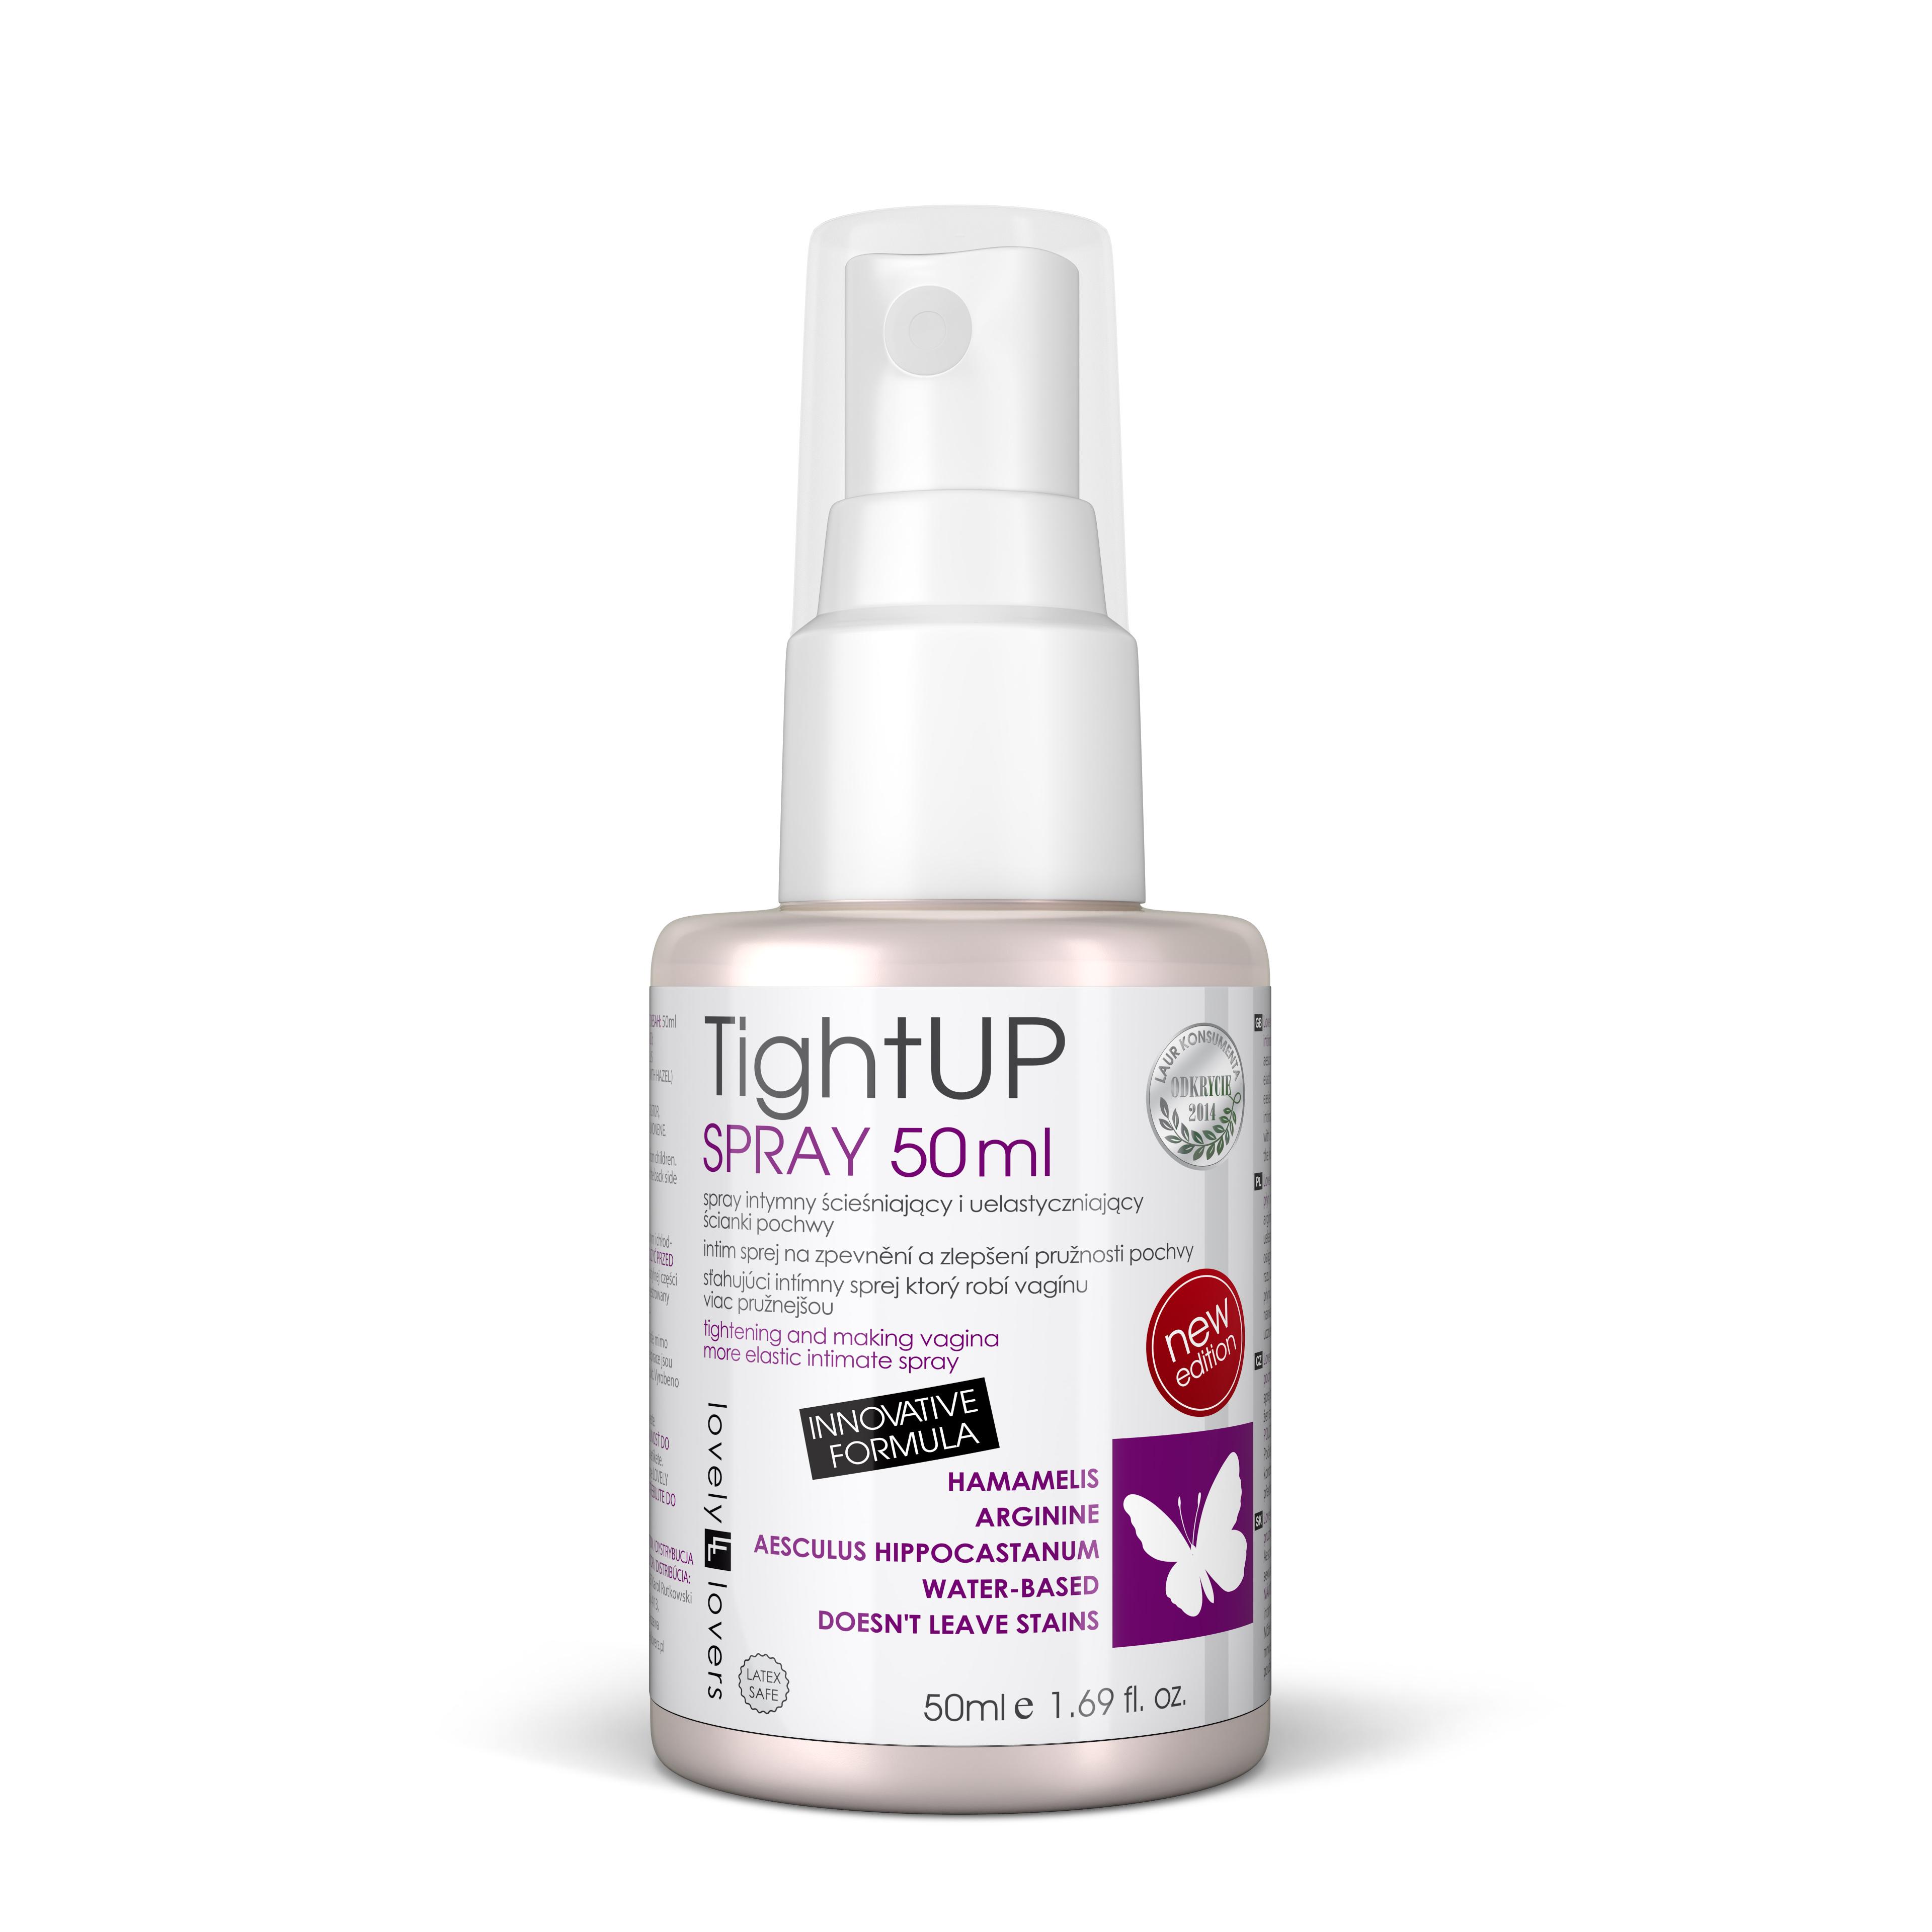 Lovely Lovers Tight UP Spray 50ml zlepšuje pružnosť a pevnosť vagíny